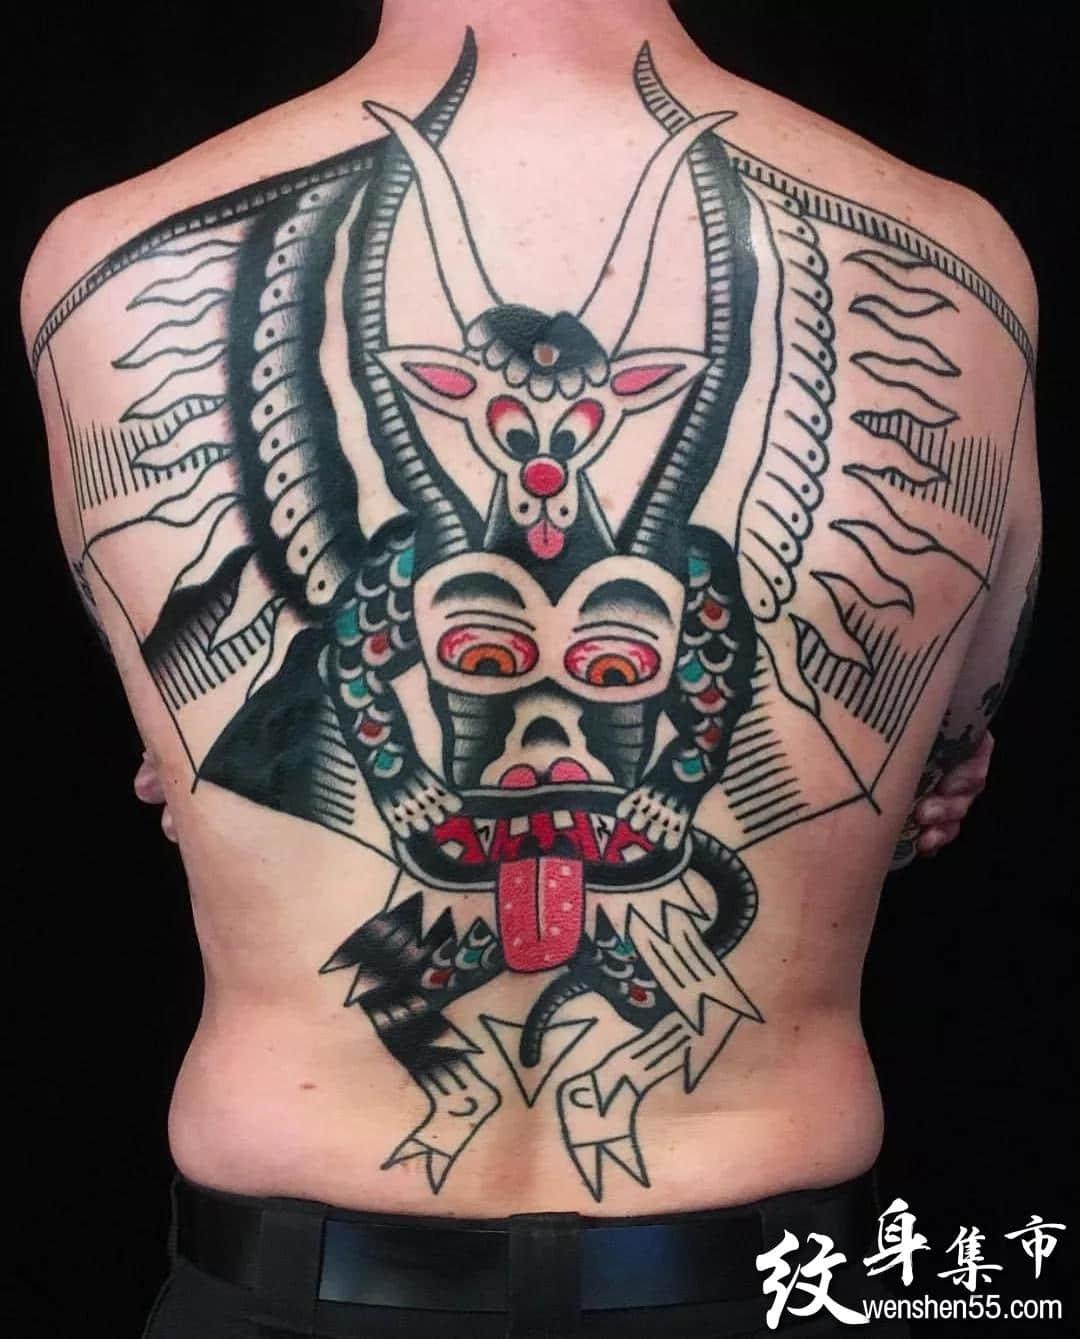 满背纹身,满背纹身手稿,满背纹身手稿图案